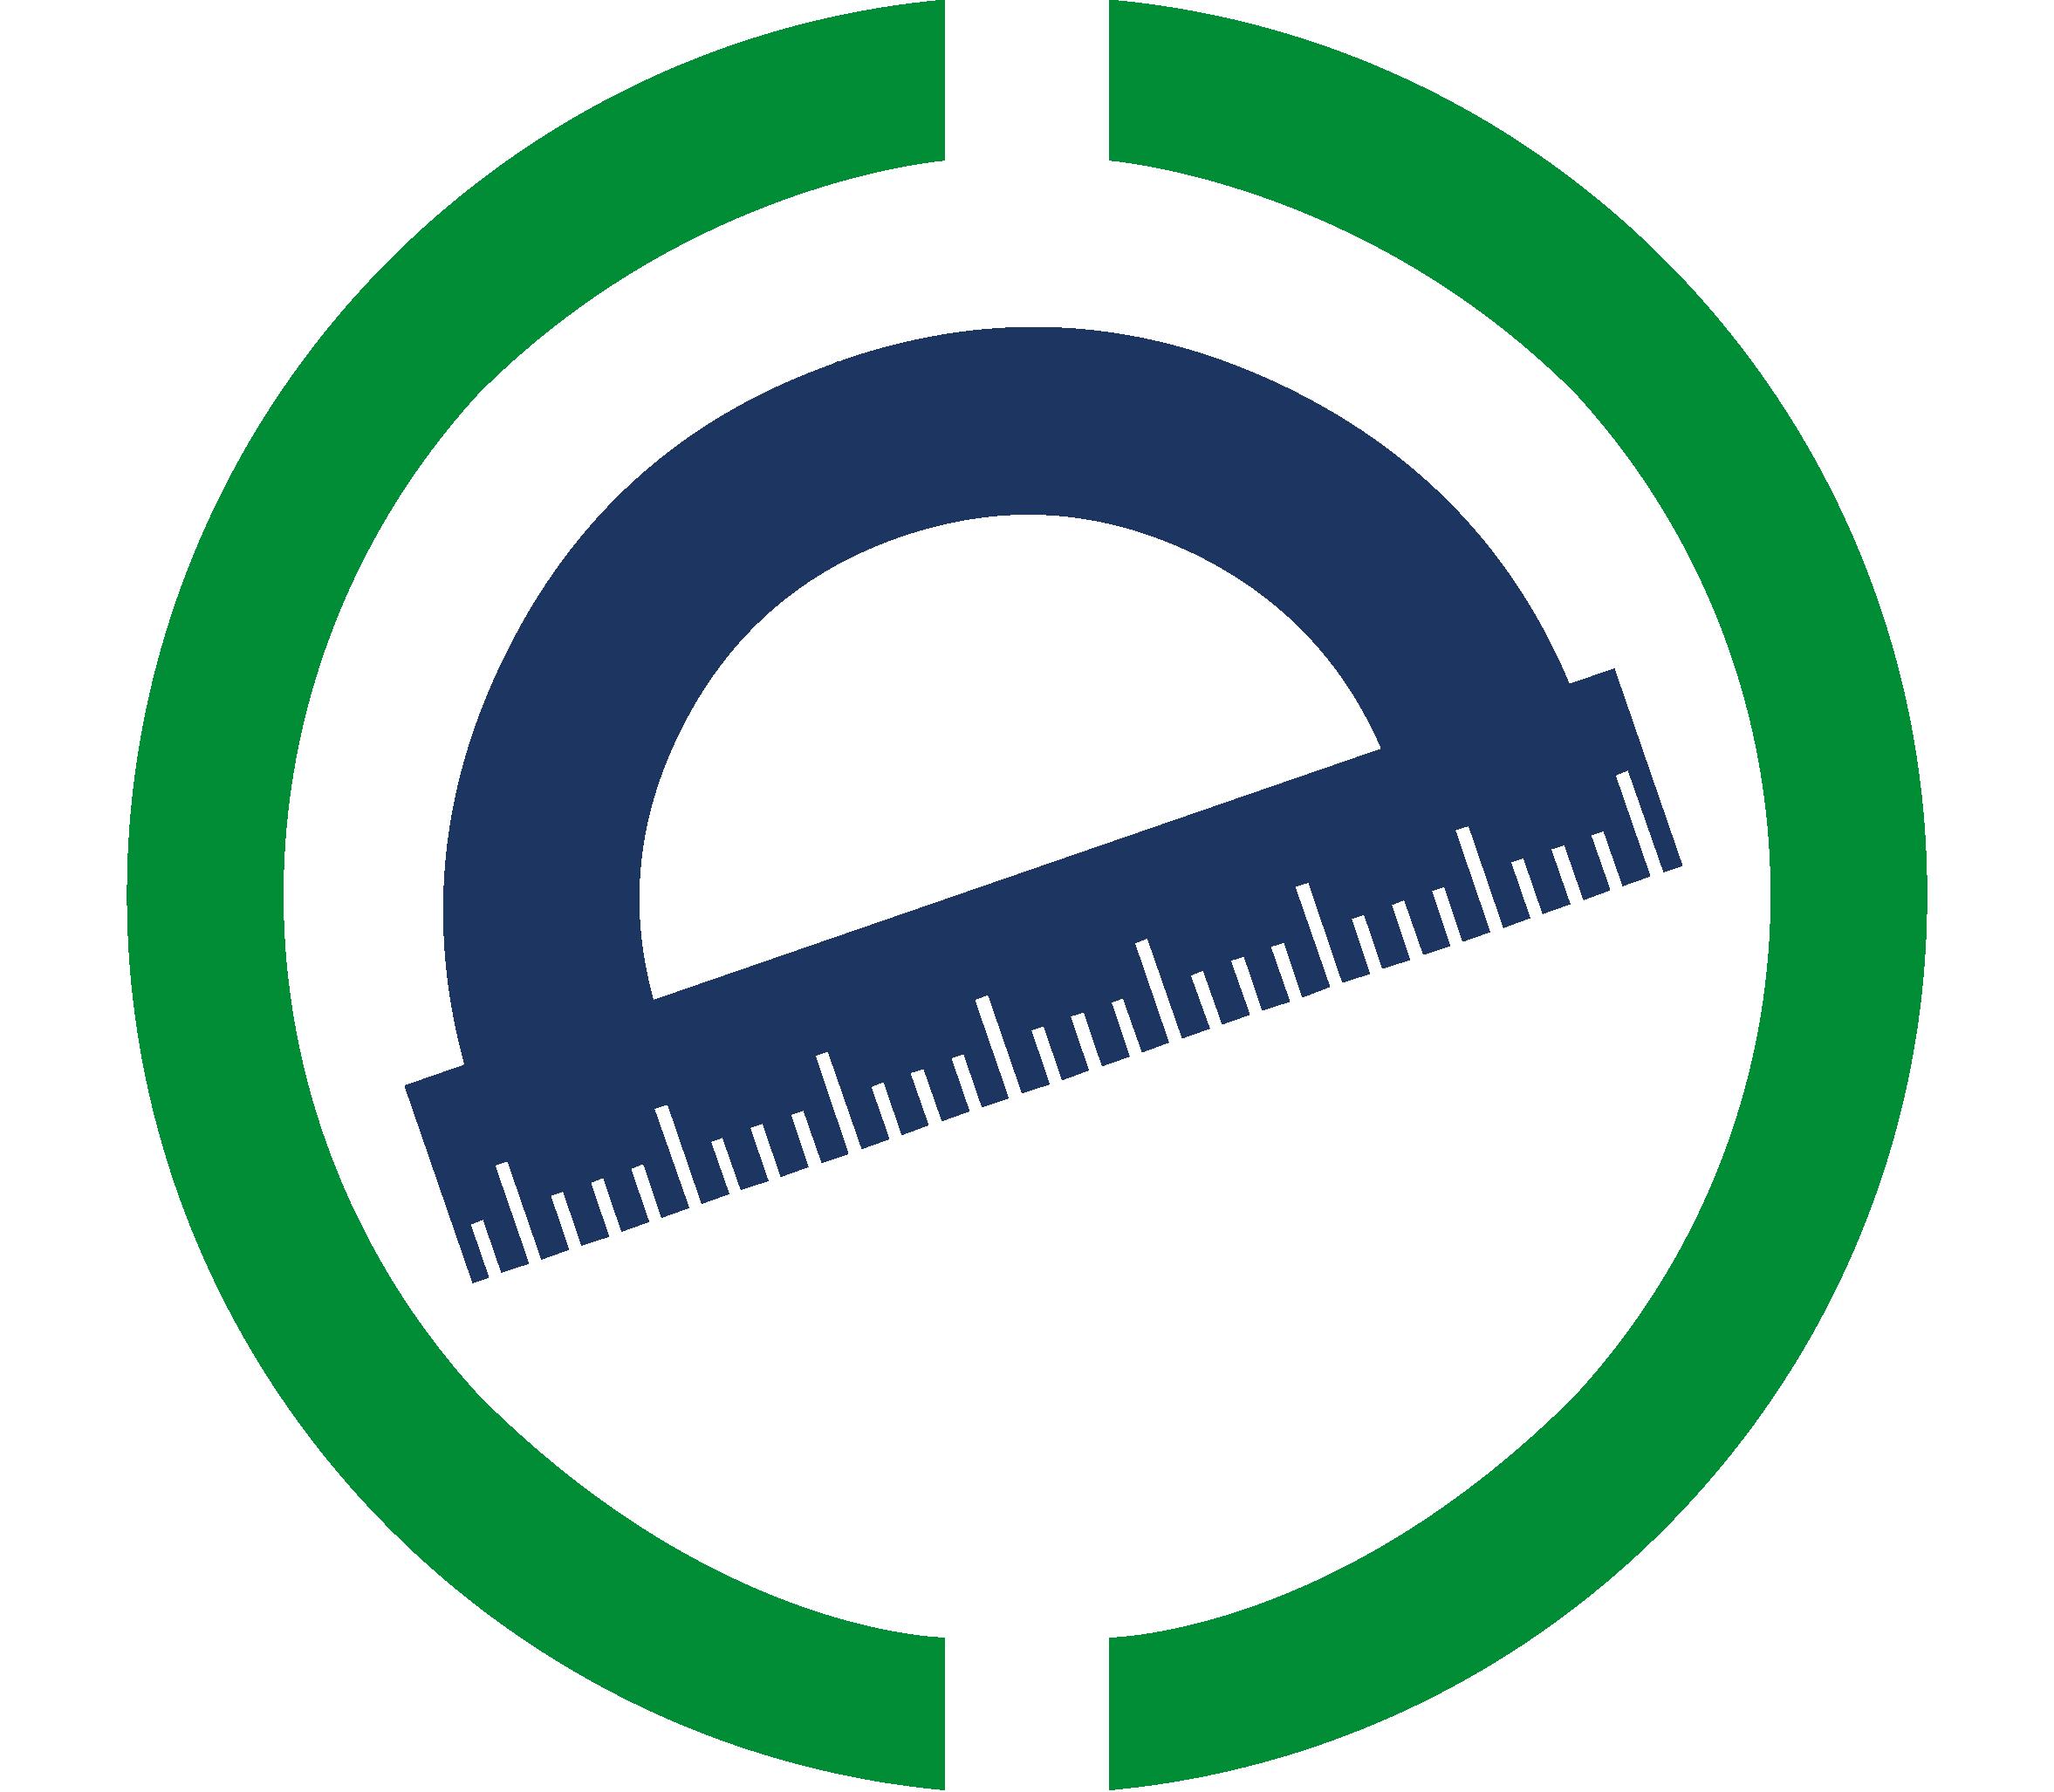 Image for Data Center Design Awareness